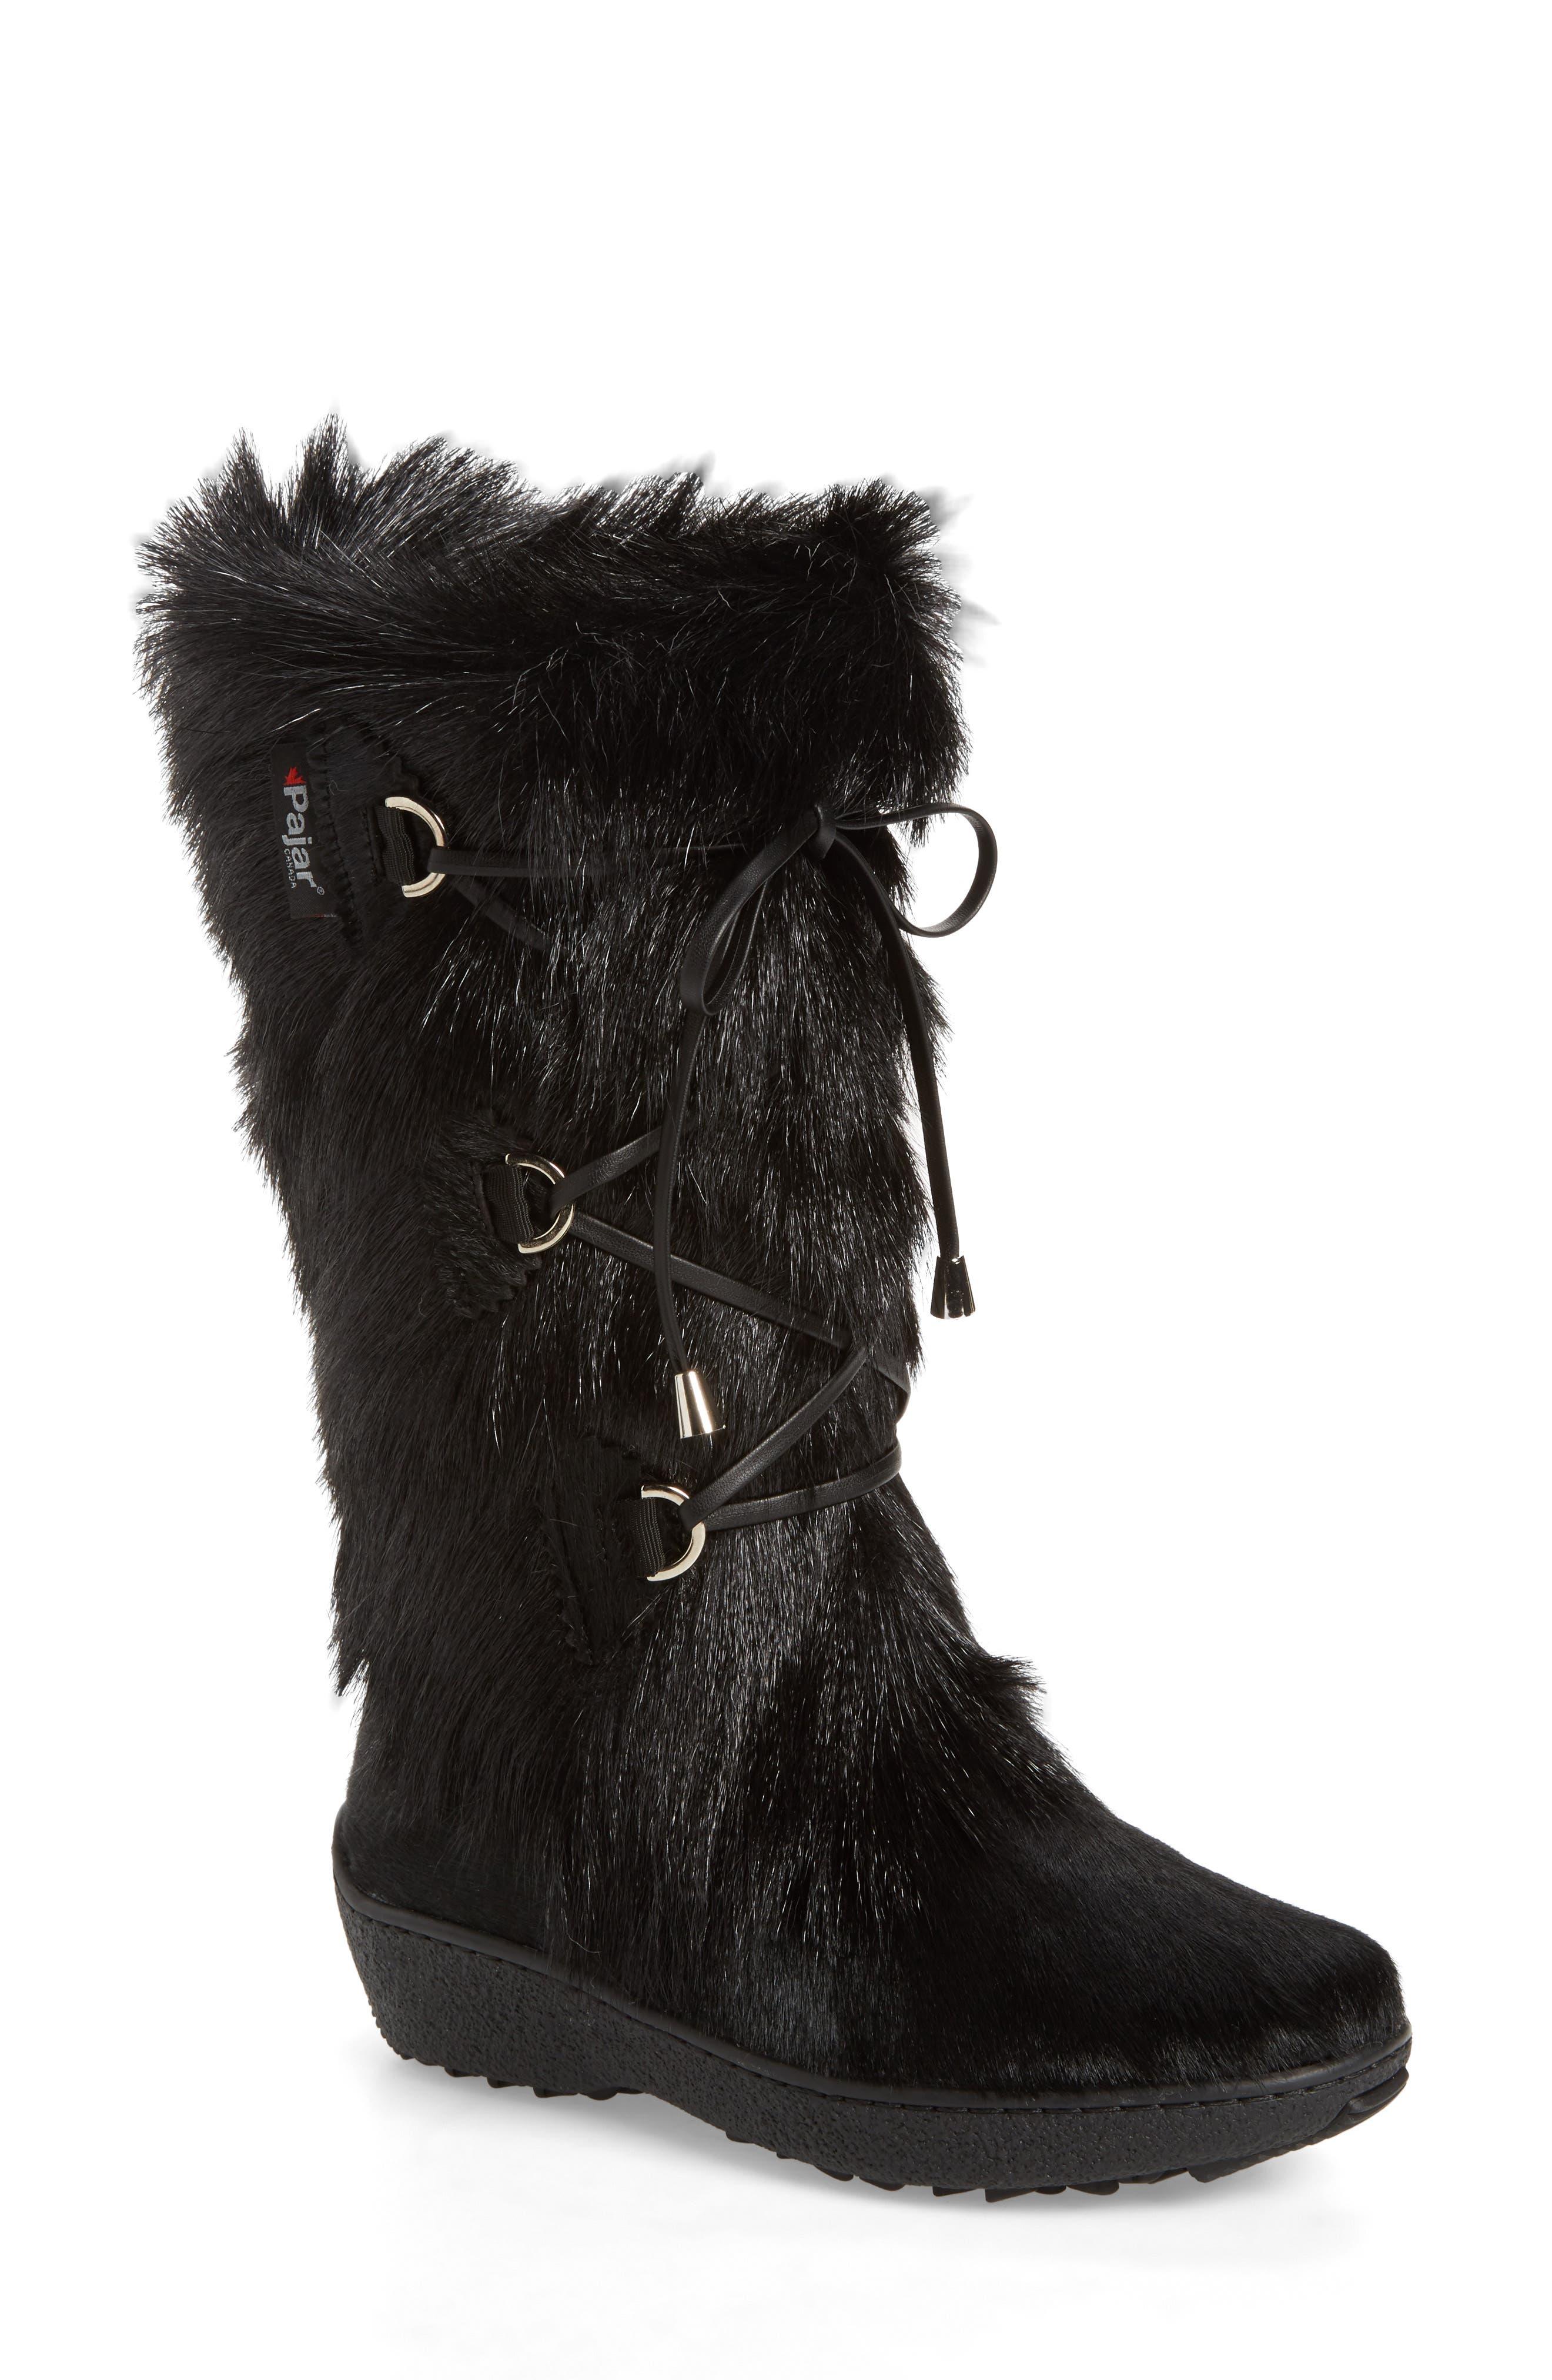 Davos Genuine Goat Fur Boot,                             Main thumbnail 1, color,                             001